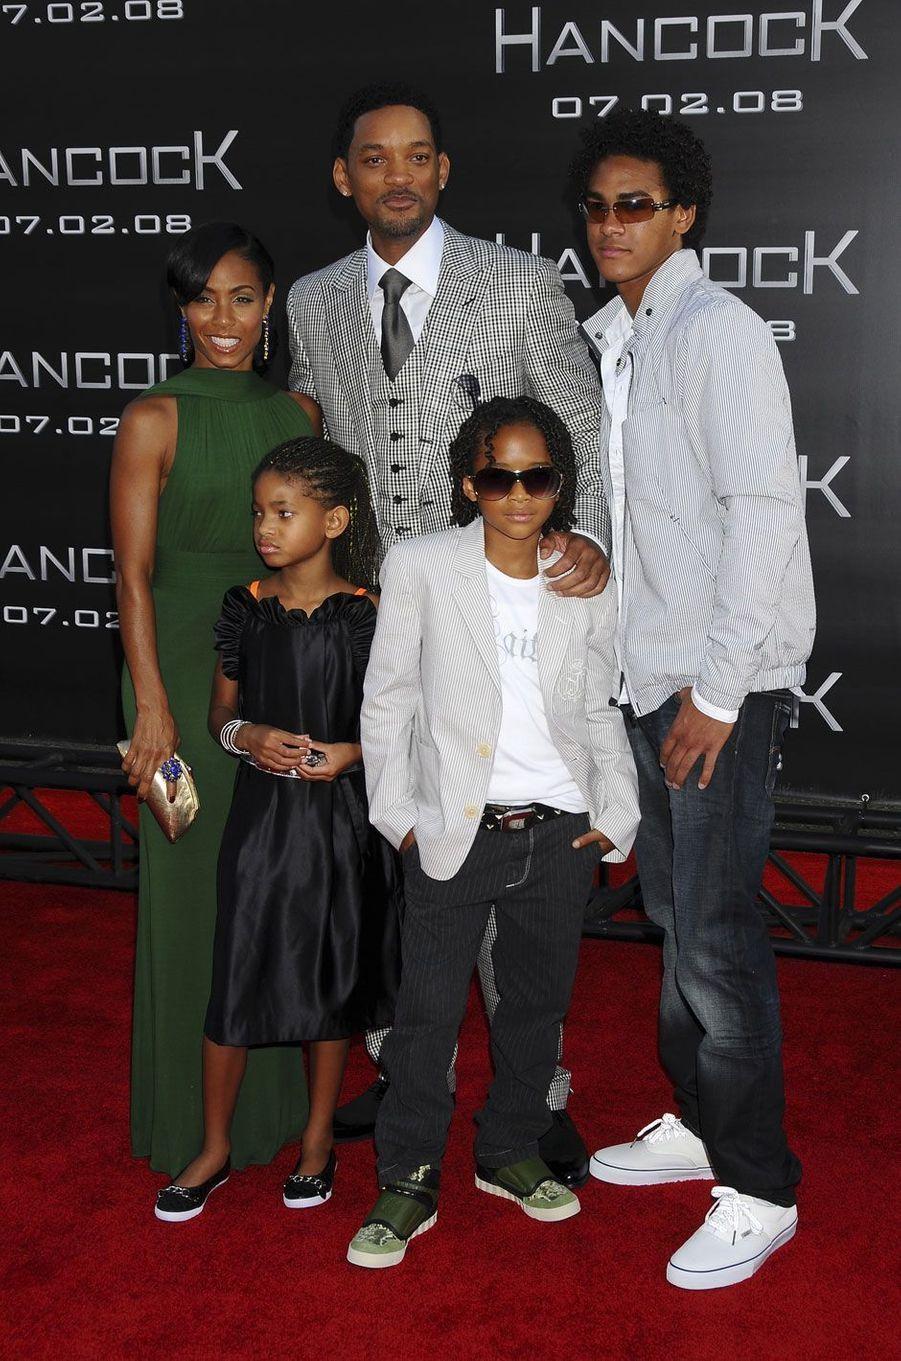 La famille de Will Smith au complet en 2008(Jada Pinkett Smith, Will Smith, Willow, Jaden et Trey)